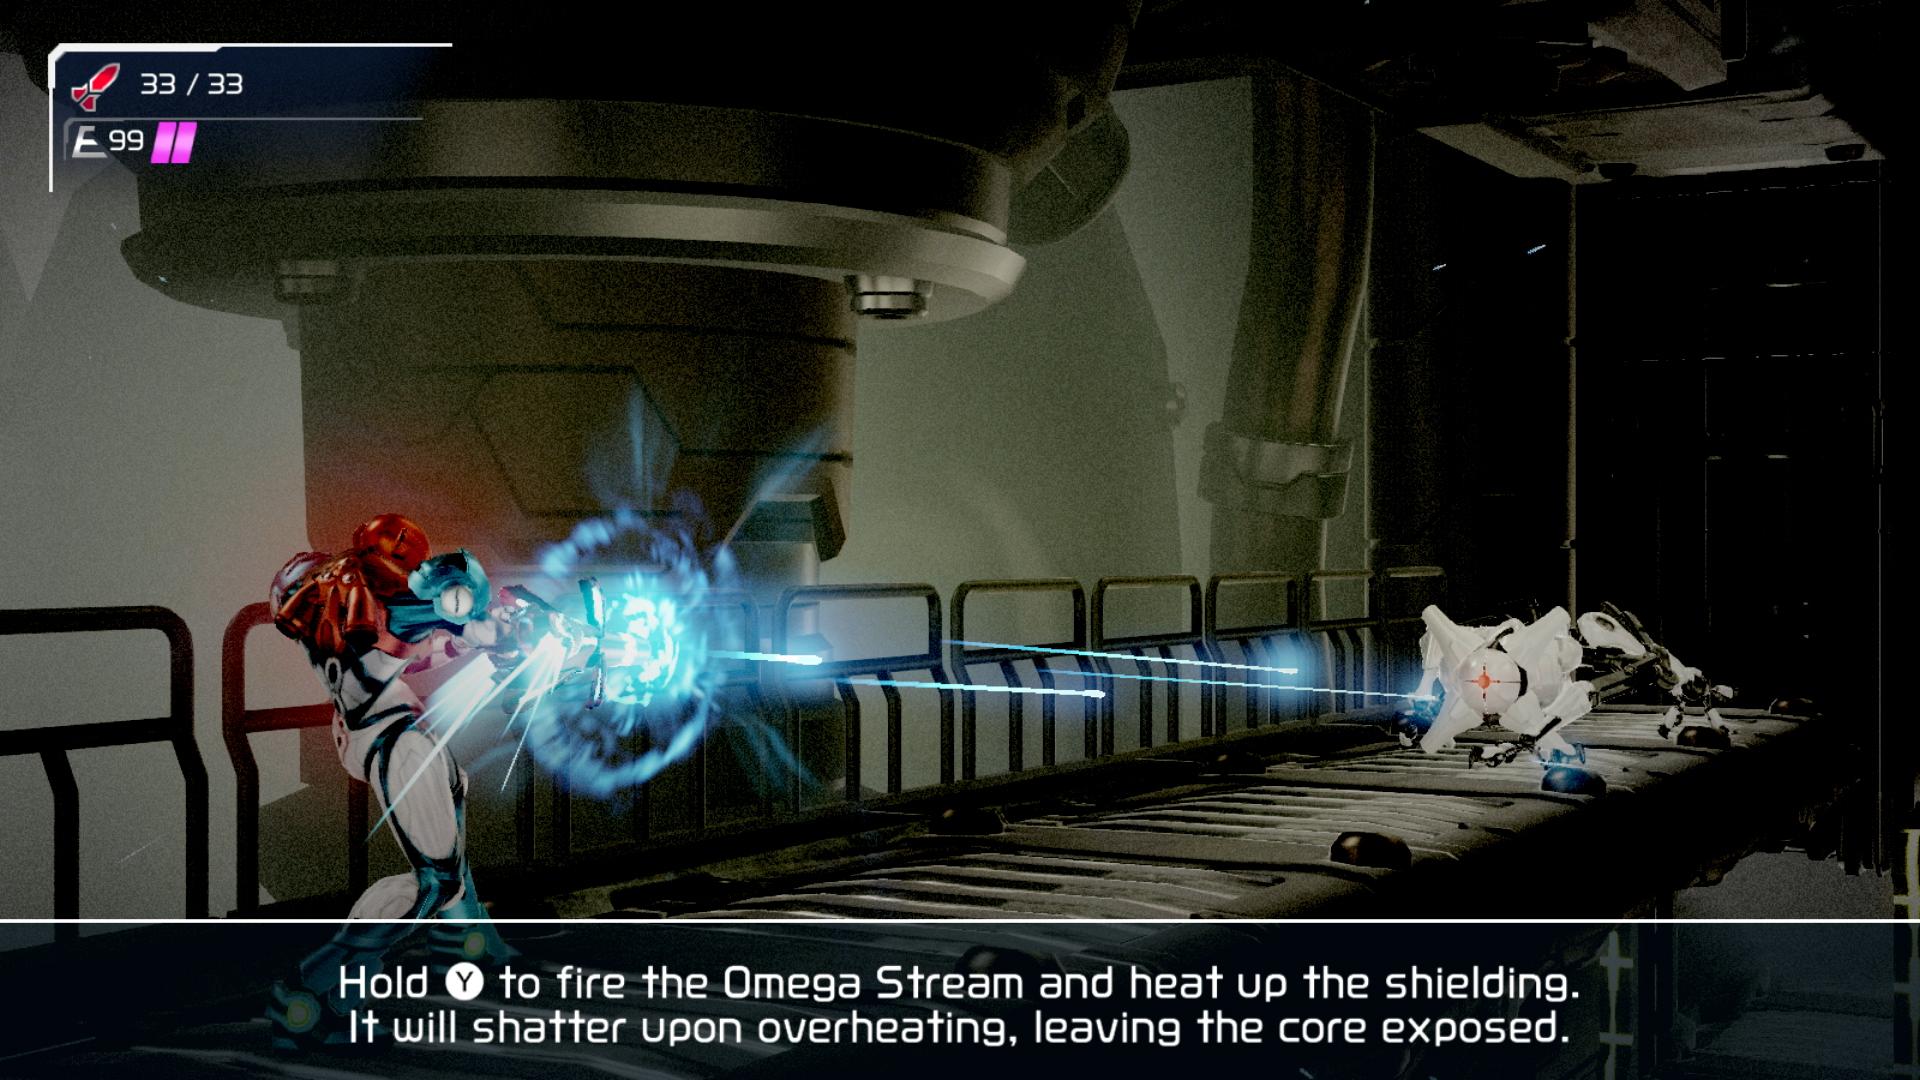 Samus Aran firing the Omega Stream at an EMMI